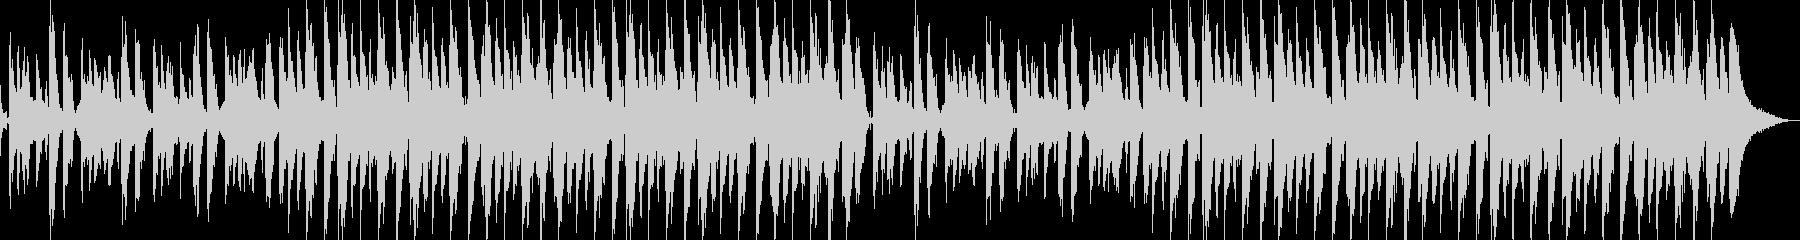 【ジングル】ディープハウスな雰囲気の未再生の波形